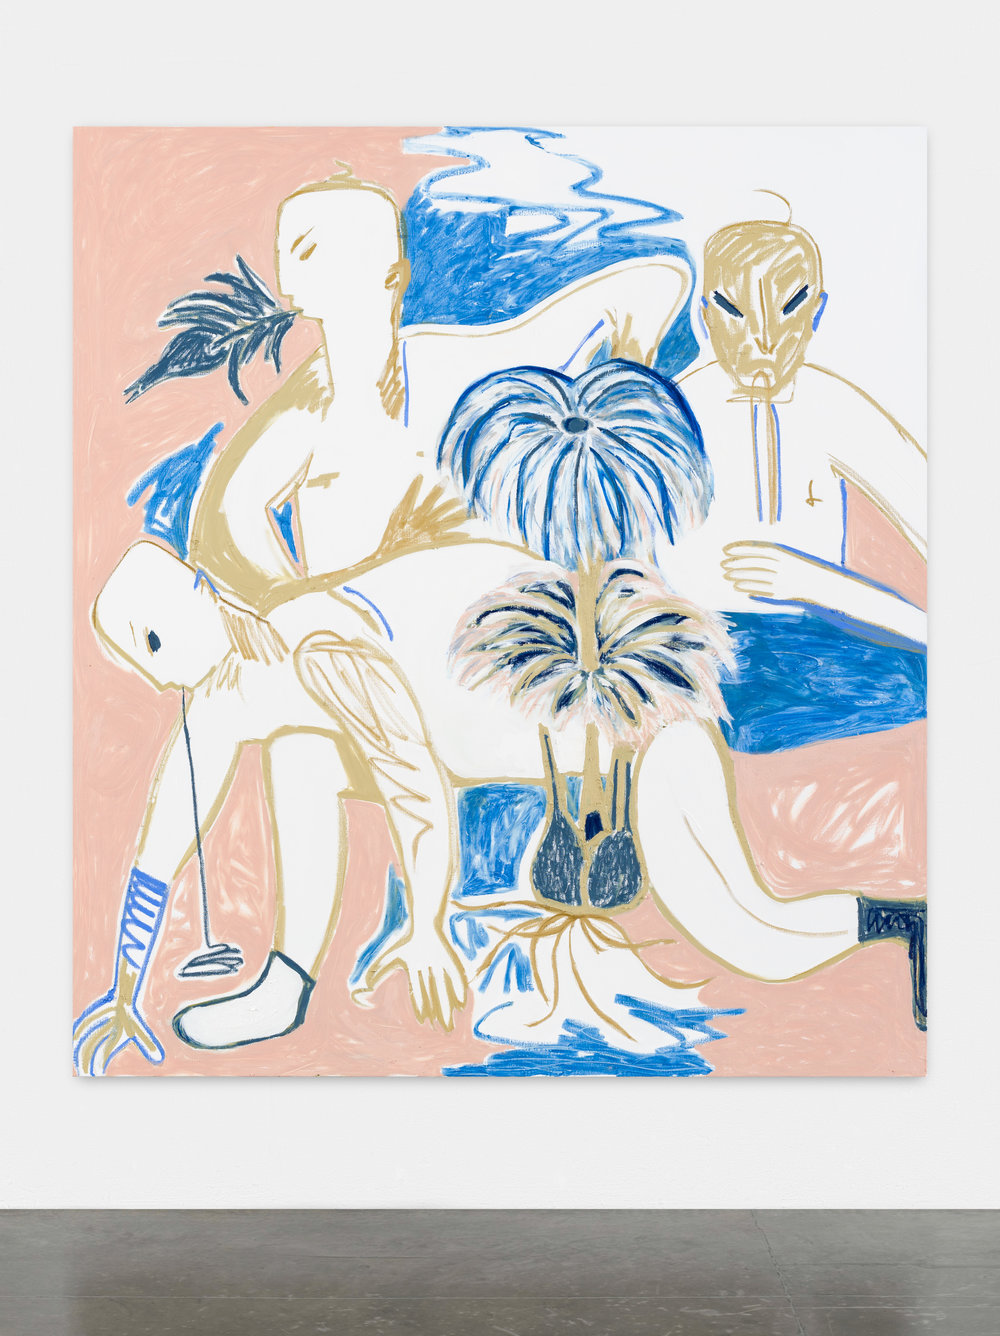 MELIKE KARA  (1985)  Sin título , 2015, acrílico y crayón de óleo sobre lienzo, 200 x 180, cortesía Peres Projects, Berlín.